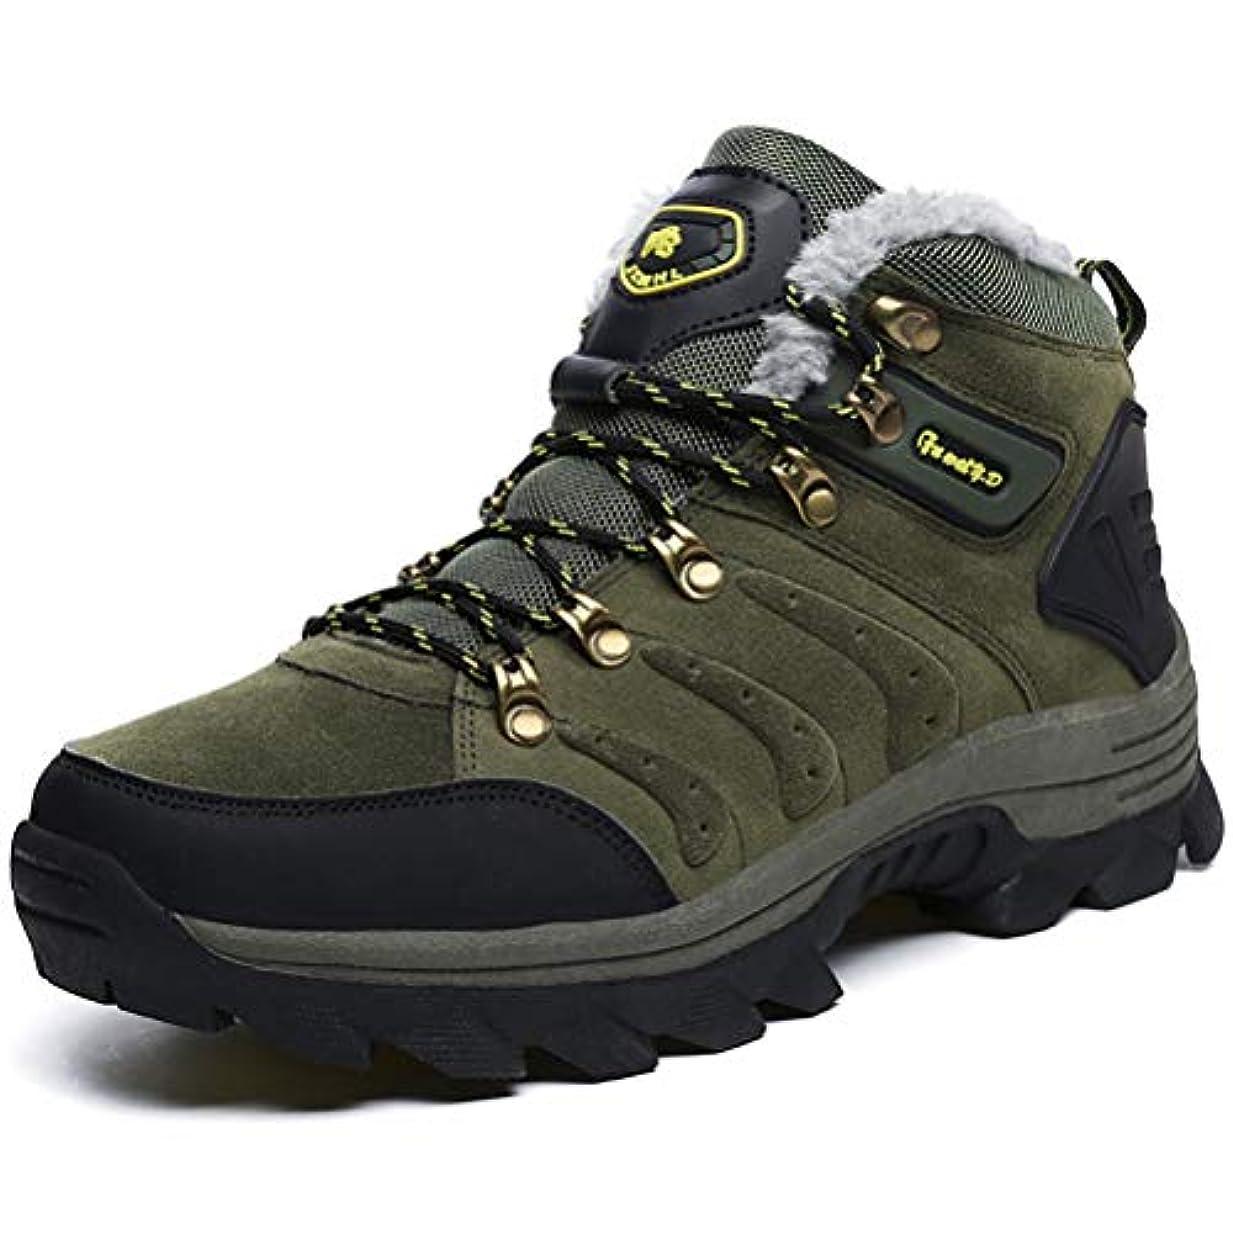 有名な驚くべきオペラ[GX GLOBAL] メンズ 登山靴 スエード牛革ブーツ 防水 軽量 ボア付き トレッキングシューズ アウトドアシューズ ウォーキングシューズ スキミング防止 防水 登山遠足用 防滑 レースアップ 39-44サイズ